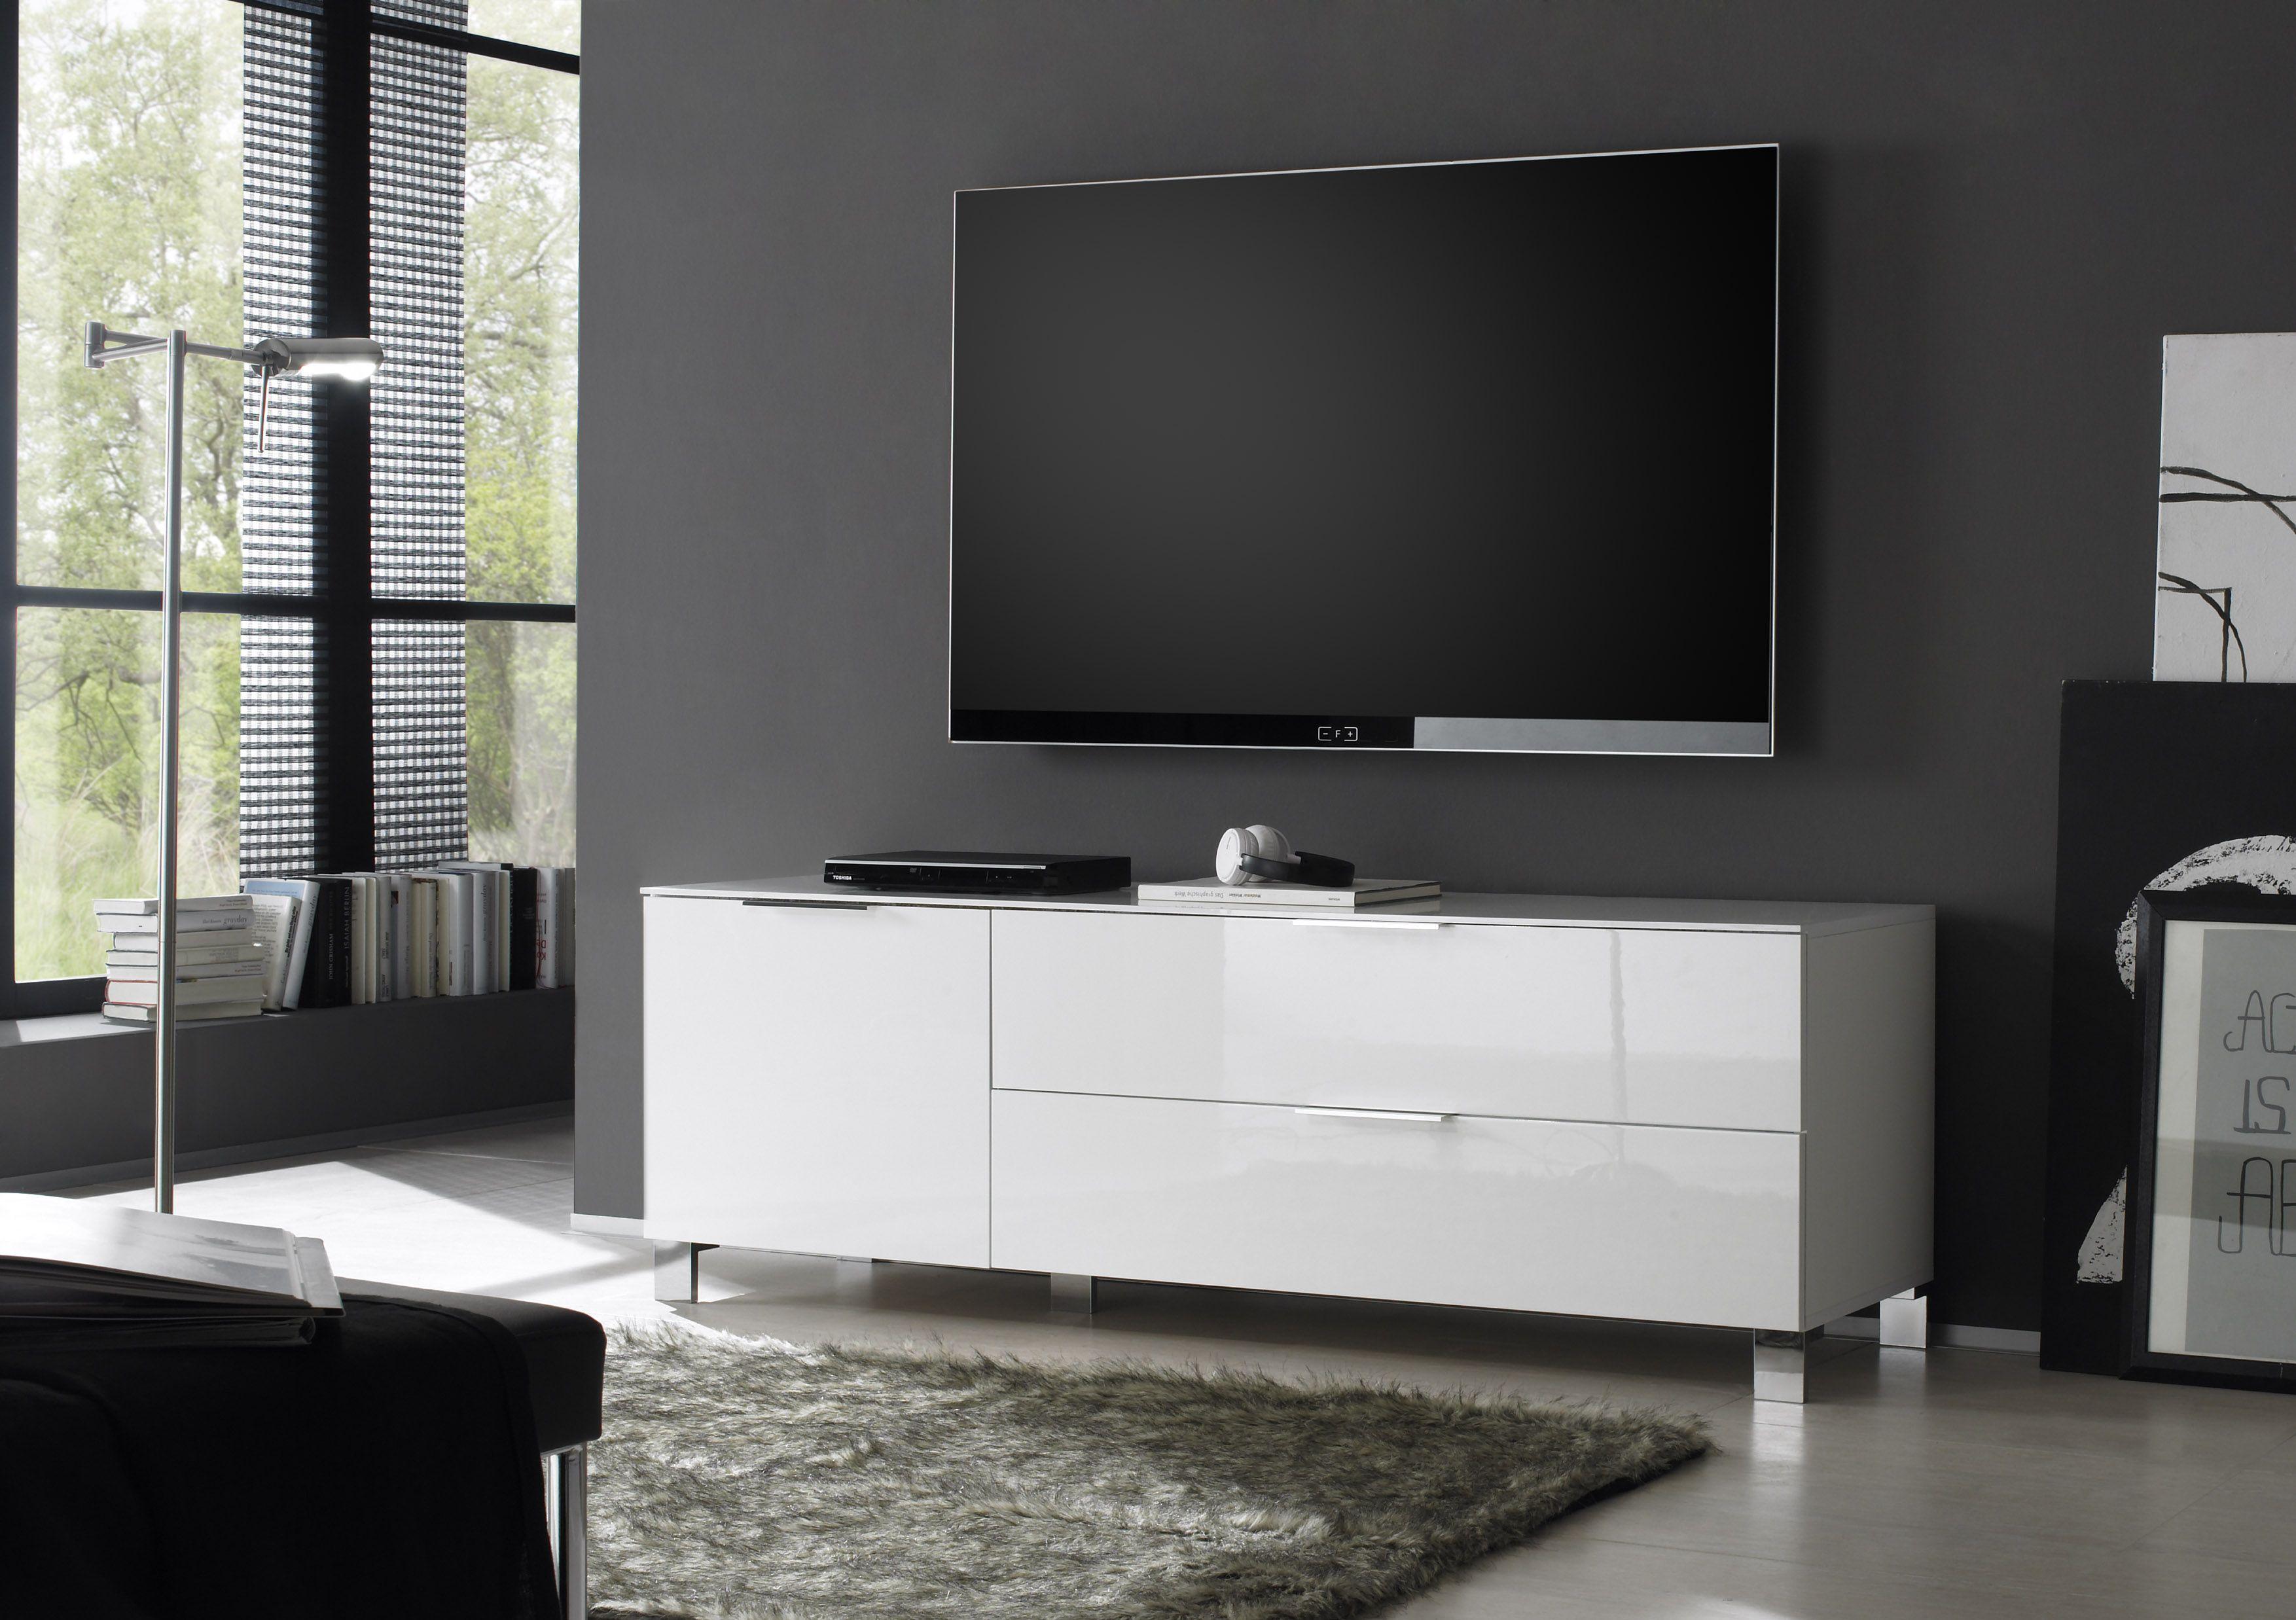 meuble tv petit laque blanc petit laque blanc trouvez. Black Bedroom Furniture Sets. Home Design Ideas